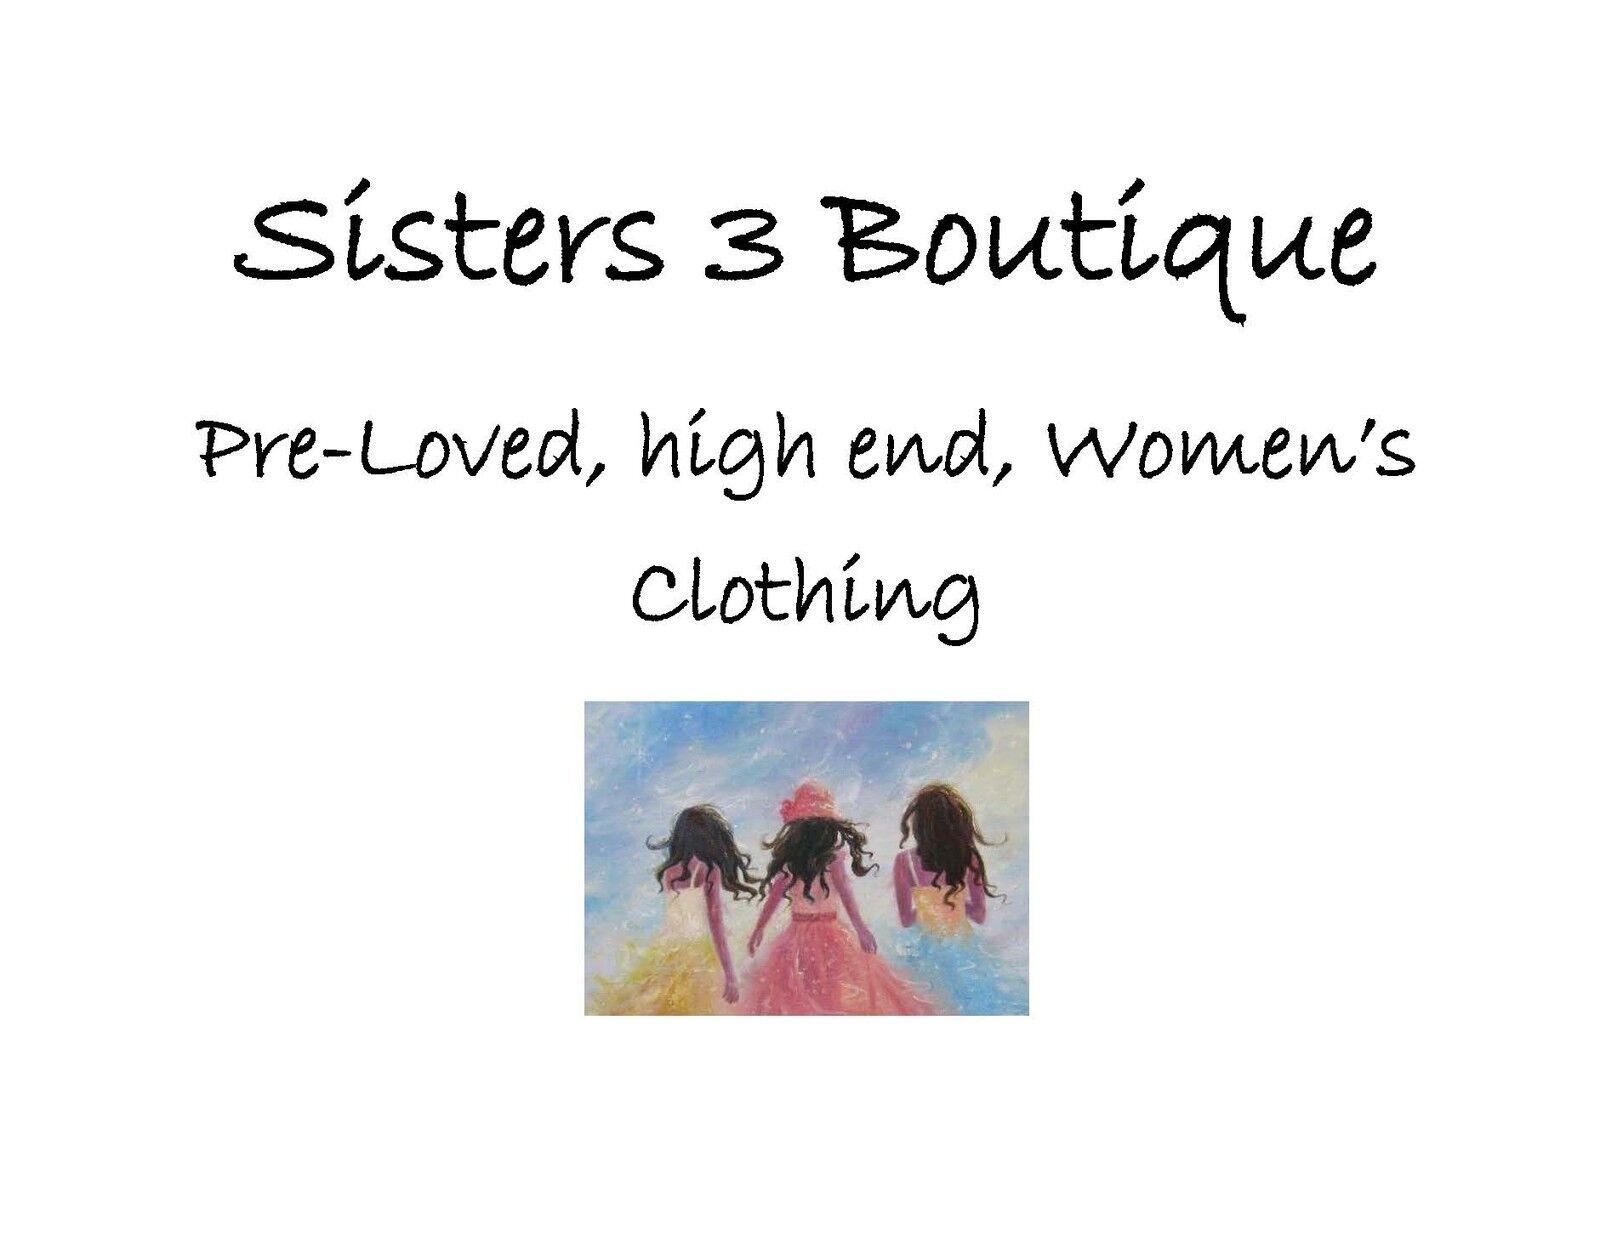 Sisters 3 Boutique